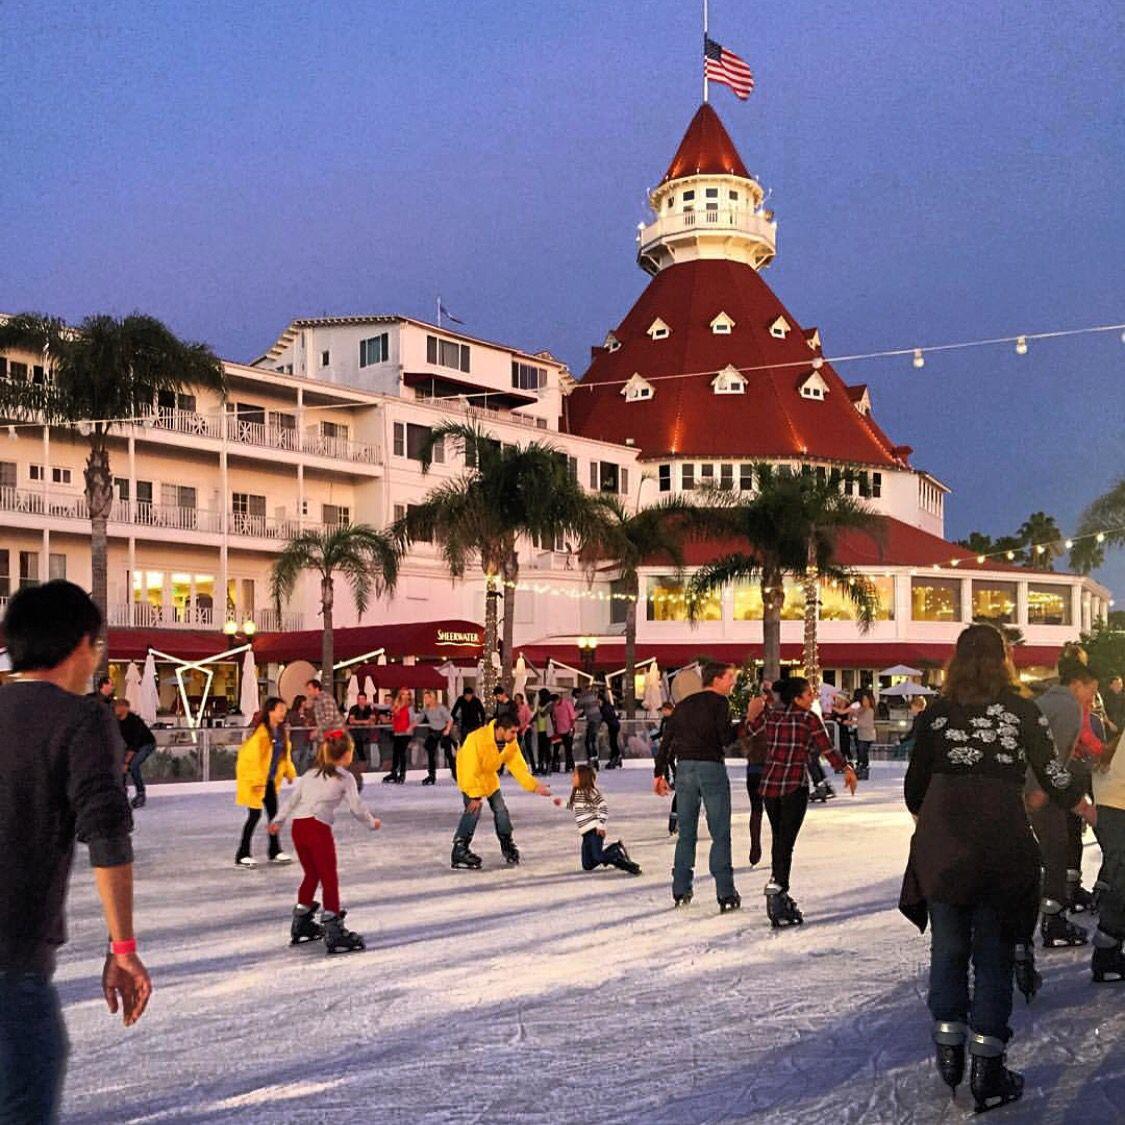 Christmas Ice Skating At The Hotel Del Coronado